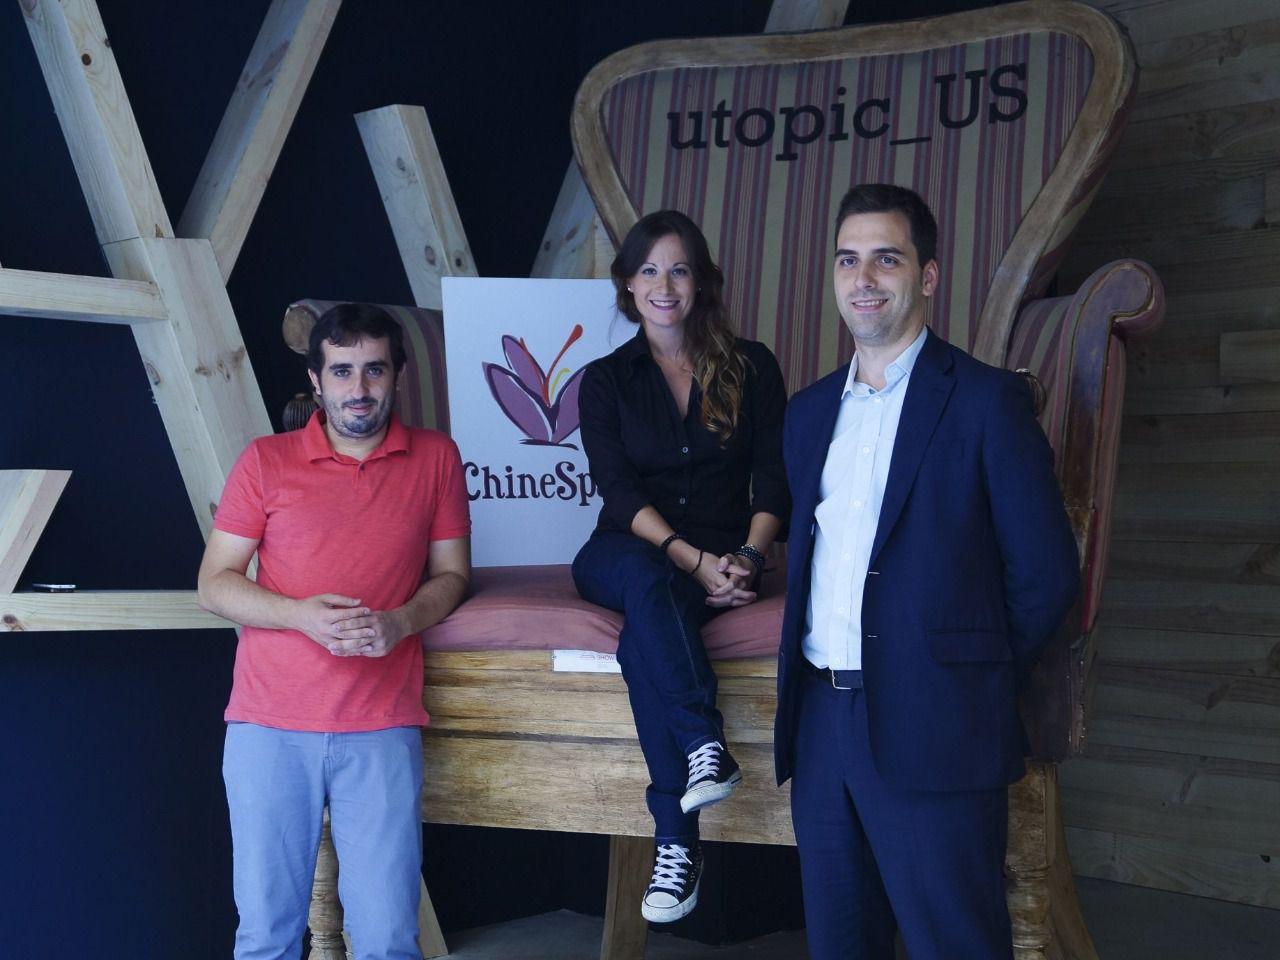 ChineSpain, la startup que 'achina' las experiencias turísticas en España